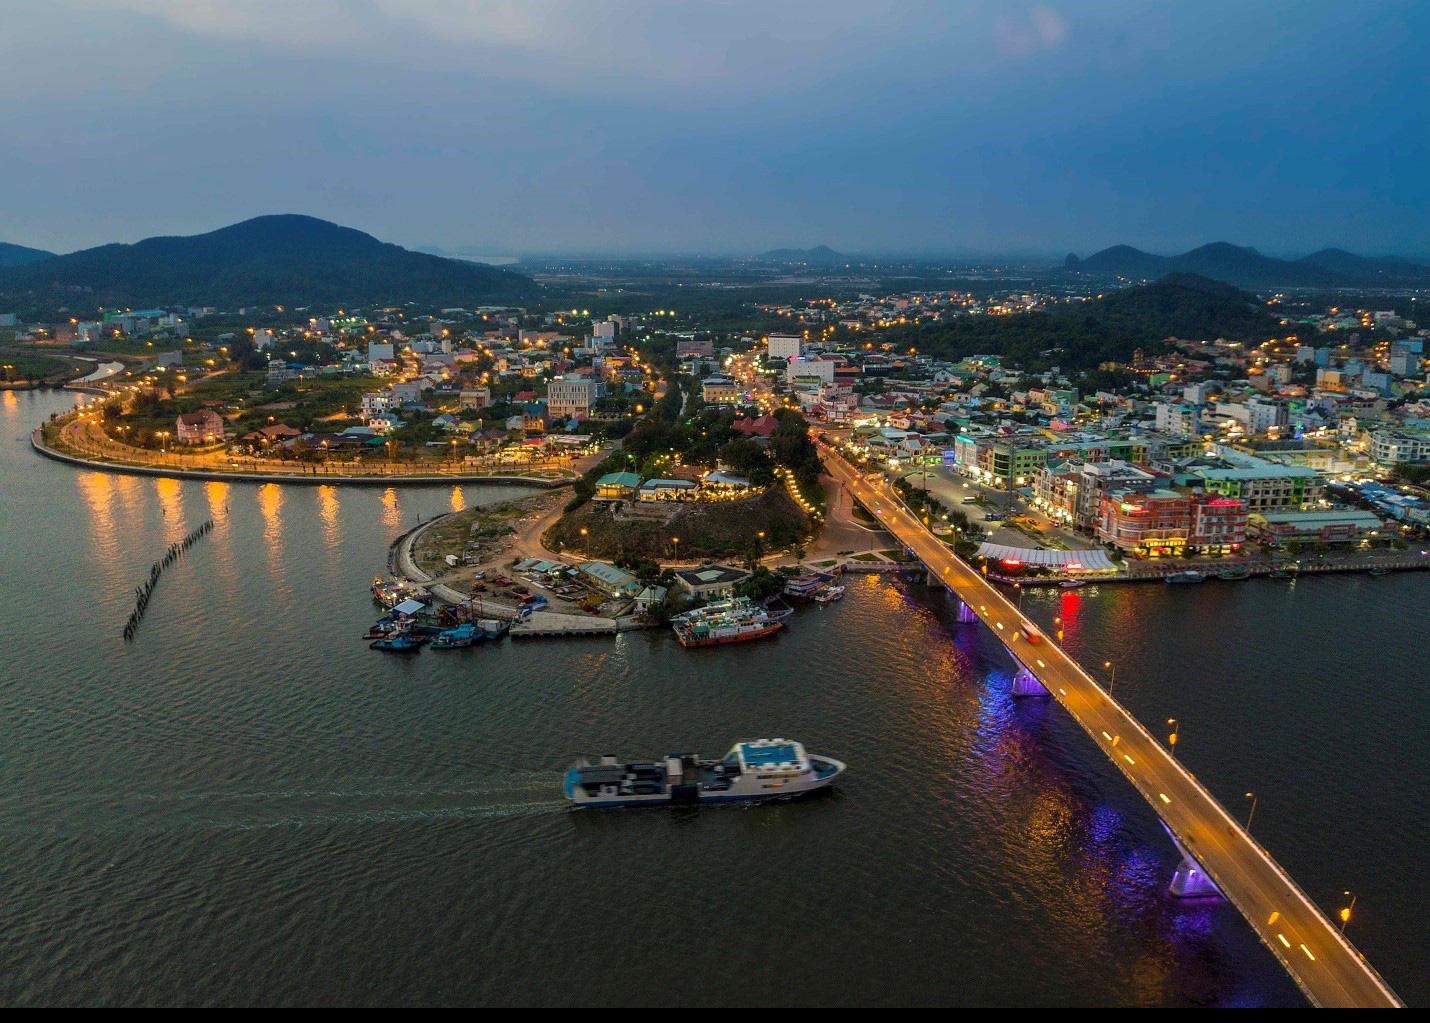 TP. Hà Tiên nhìn từ trên cao với cảng biển, cầu và nhiều công trình nhà ở